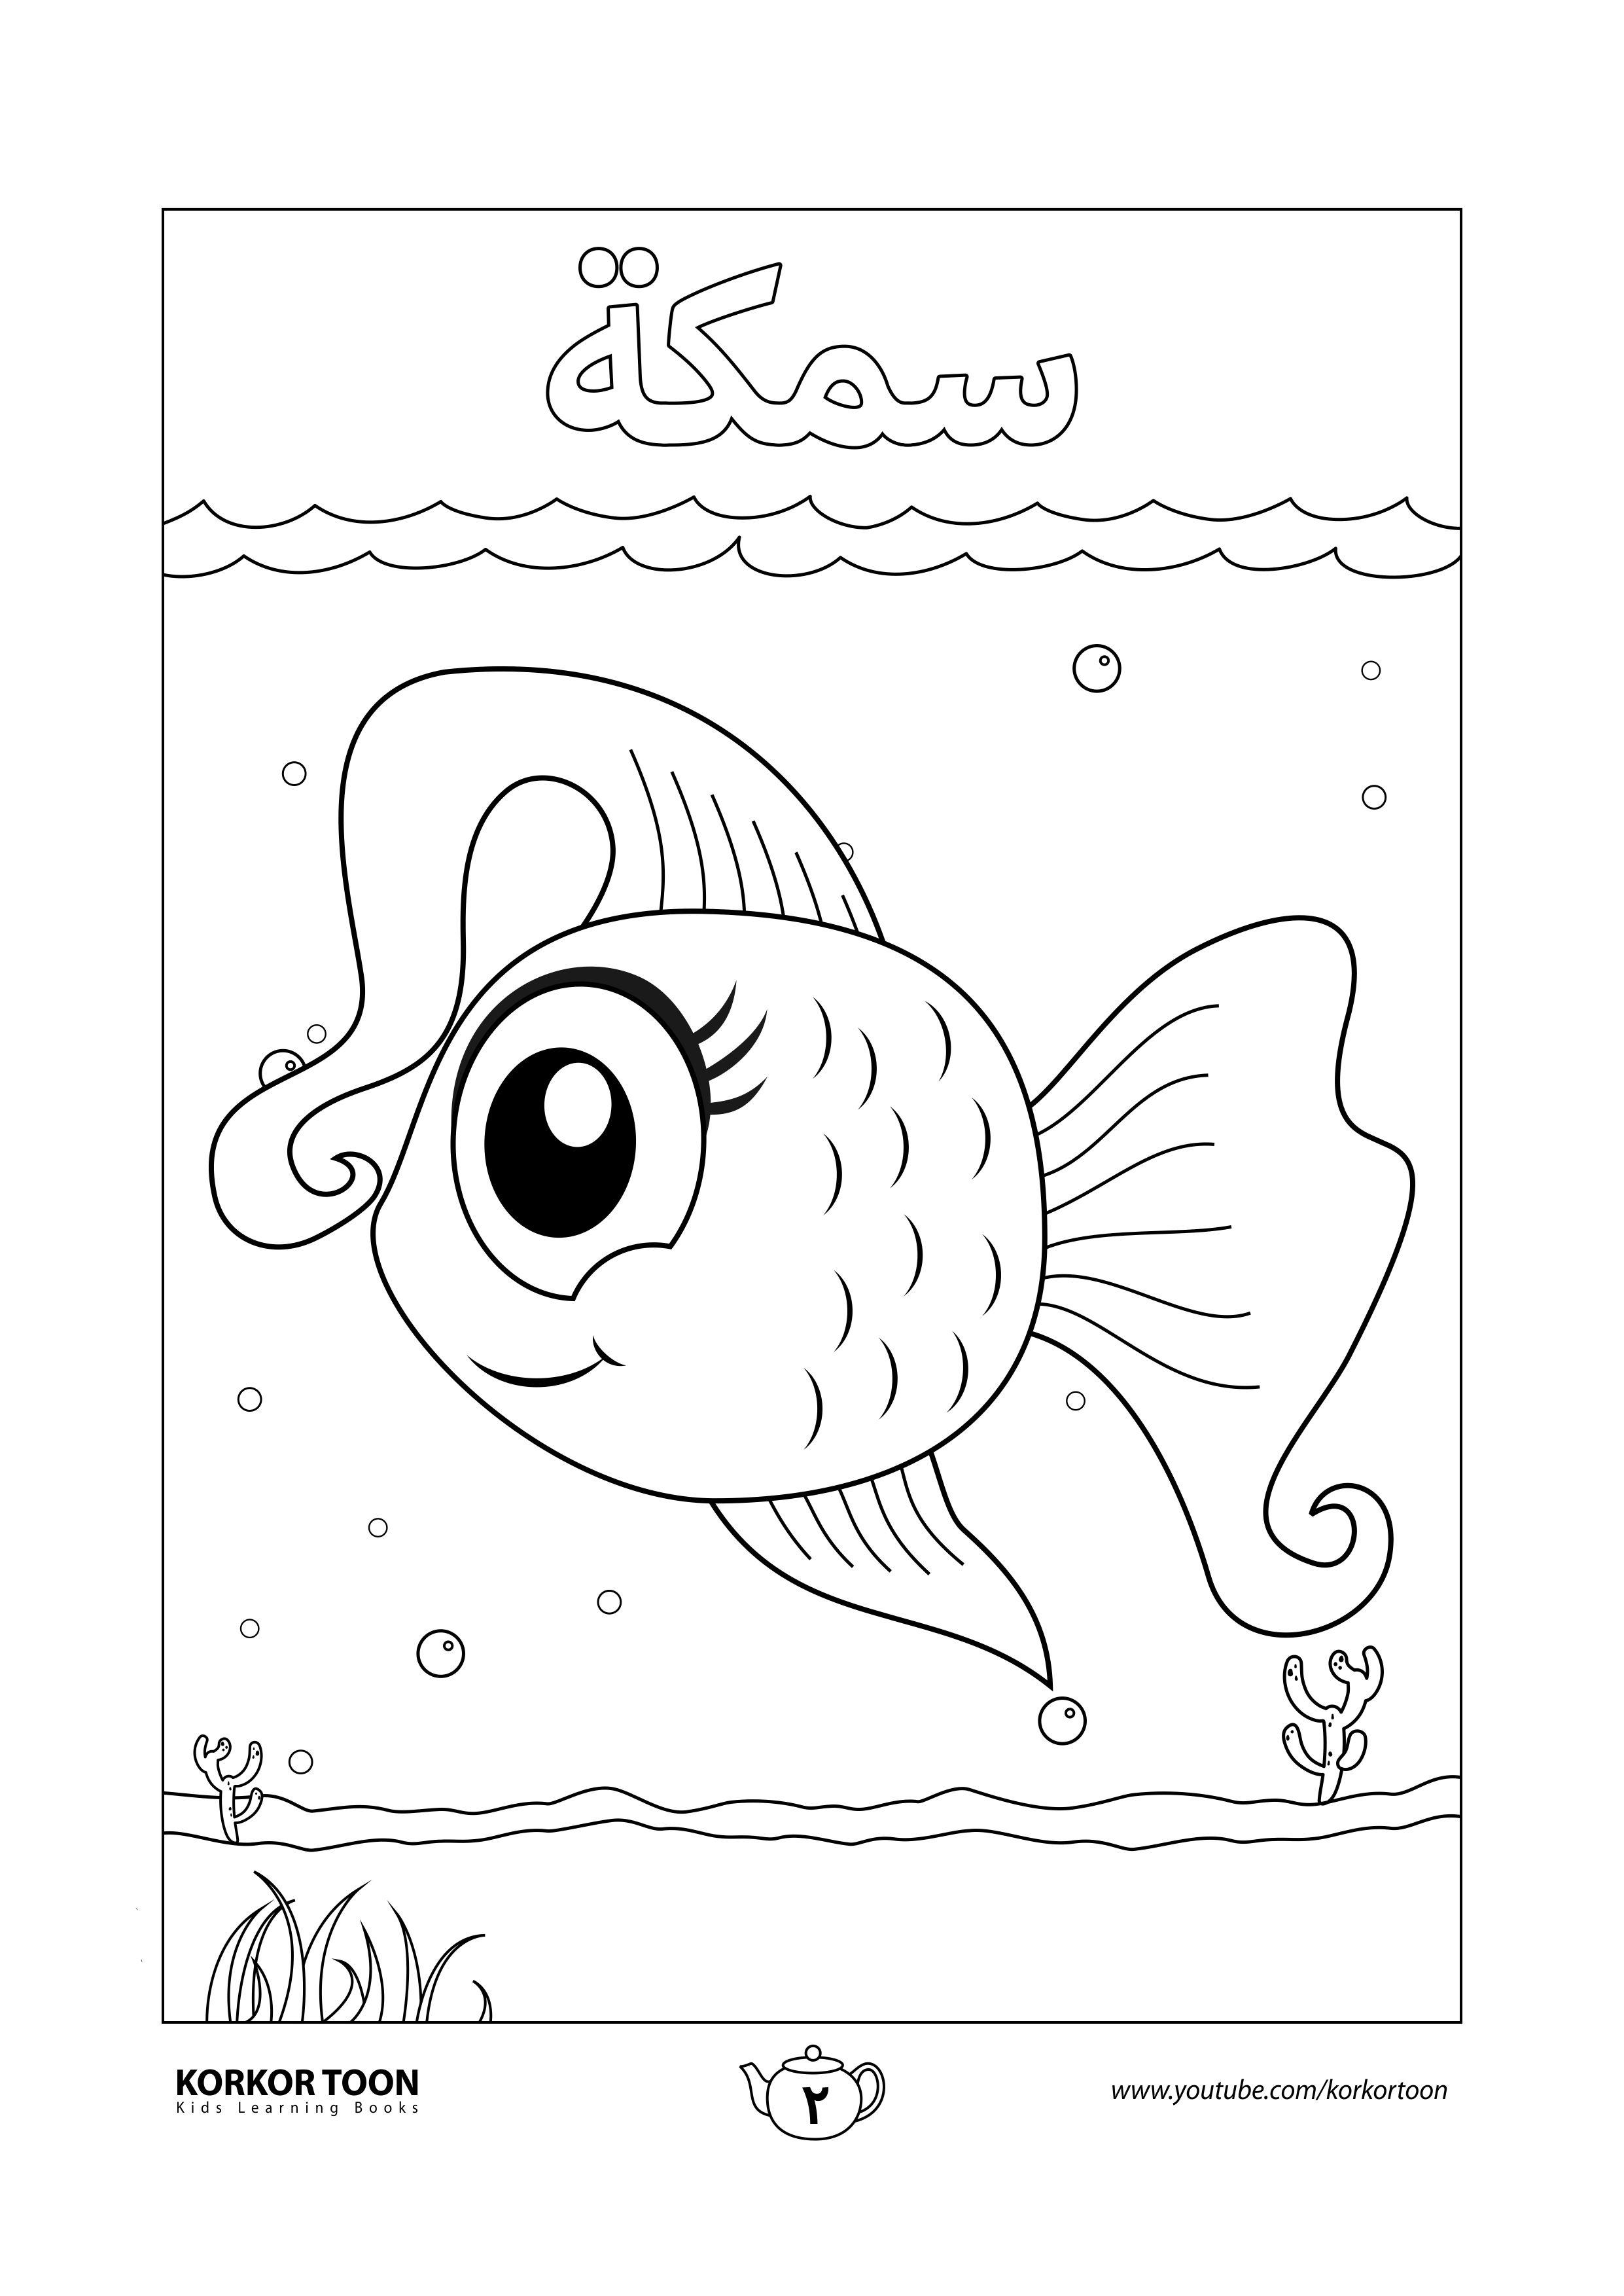 كتاب تلوين الحيوانات البحرية تلوين السمكة 2 Coloring Books Animal Coloring Books Kids Coloring Books